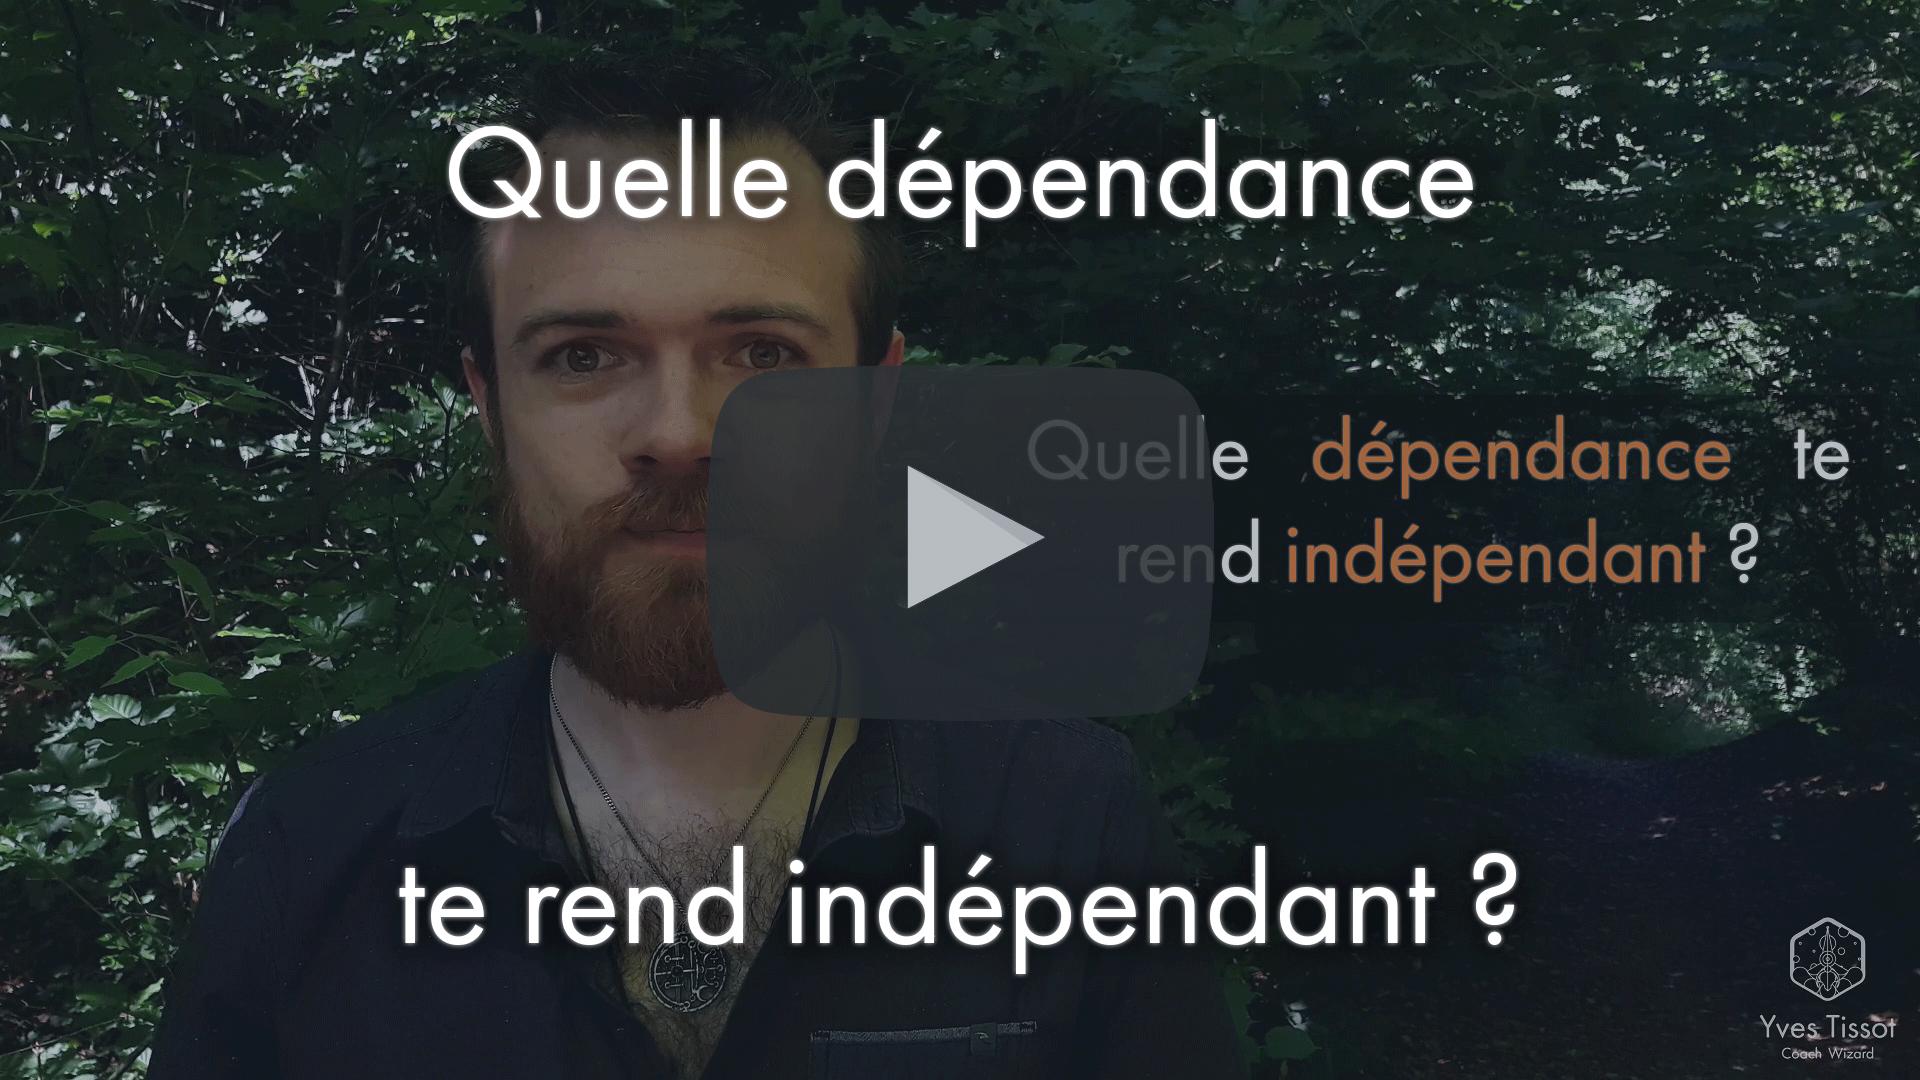 Quelle dépendance te rend indépendant ?